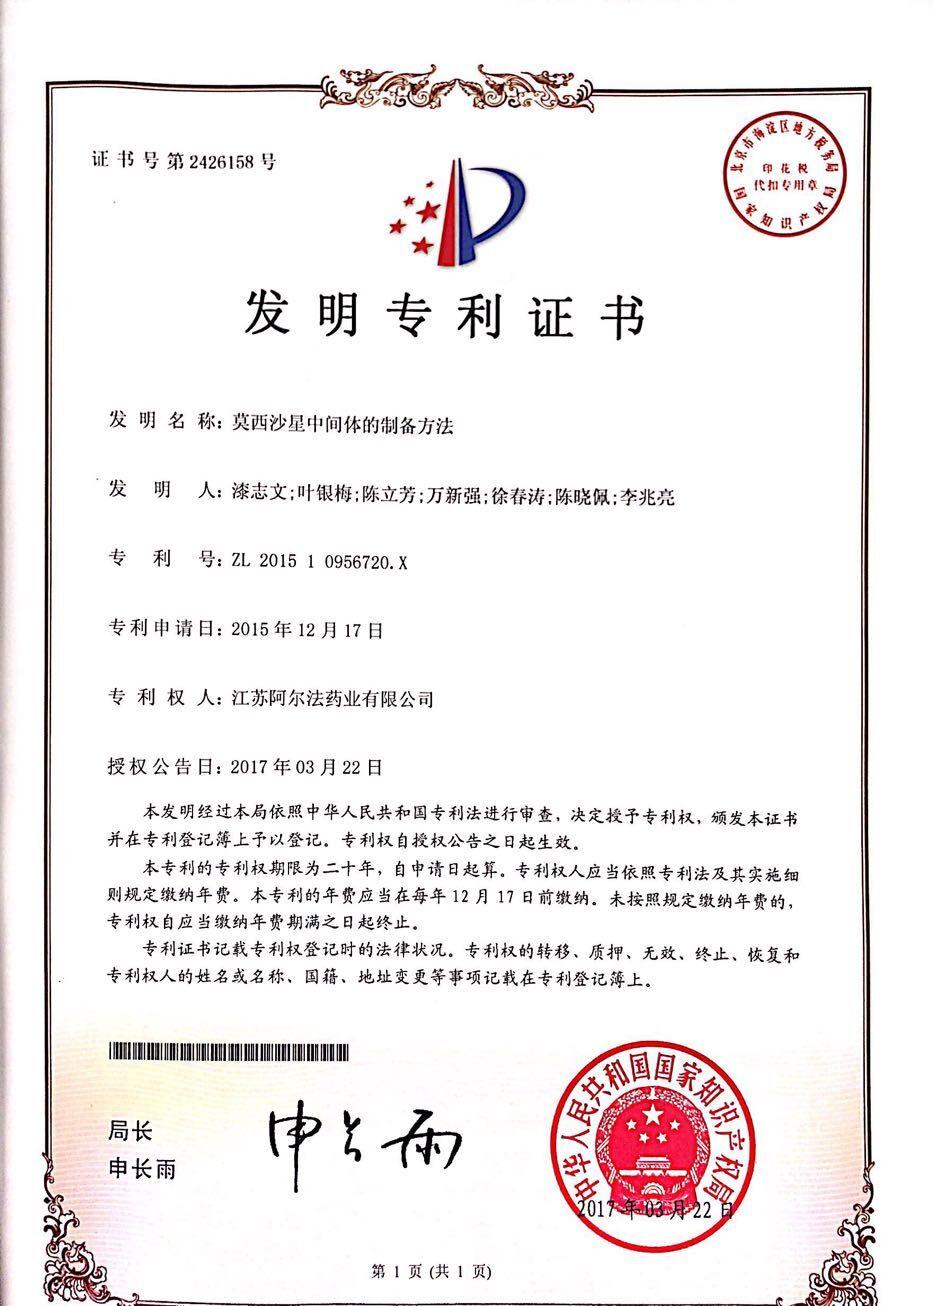 荣誉-专利-17.莫西沙星中间体的制备方法